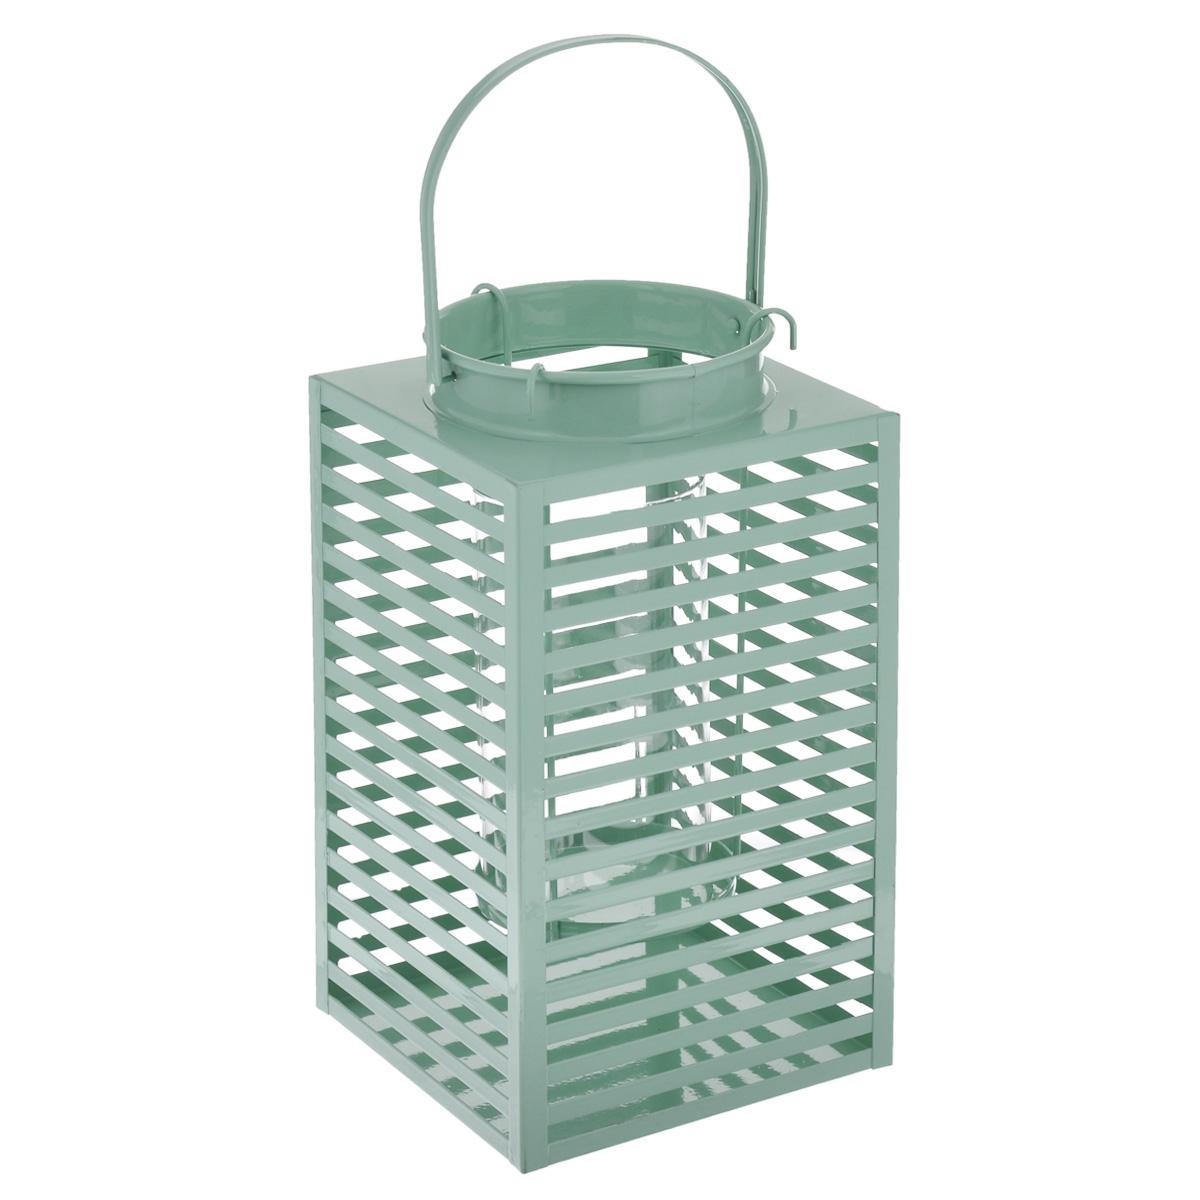 Подсвечник Gardman Orion, цвет: зеленый, 16,5 см х 30 смRG-D31SДекоративный подсвечник Gardman Orion порадует каждого, кто его увидит. Подсвечник выполнен из металла в виде прямоугольной корзины, оснащенной внутри стеклянной емкостью для размещения свечи. Емкость подвешивается на специальные крючки за край подсвечника. Изделие оснащено металлической ручкой. Теплое мерцание пламени свечи подарит вам настроение волшебства и торжественности. Создайте в своем доме атмосферу уюта, преображая интерьер стильными, радующими глаза предметами. Размер подсвечника: 16,5 см х 16,5 см х 30 см.Высота емкости для свечи: 17 см.Диаметр емкости для свечи (по верхнему краю): 9 см.Высота ручки: 13 см.